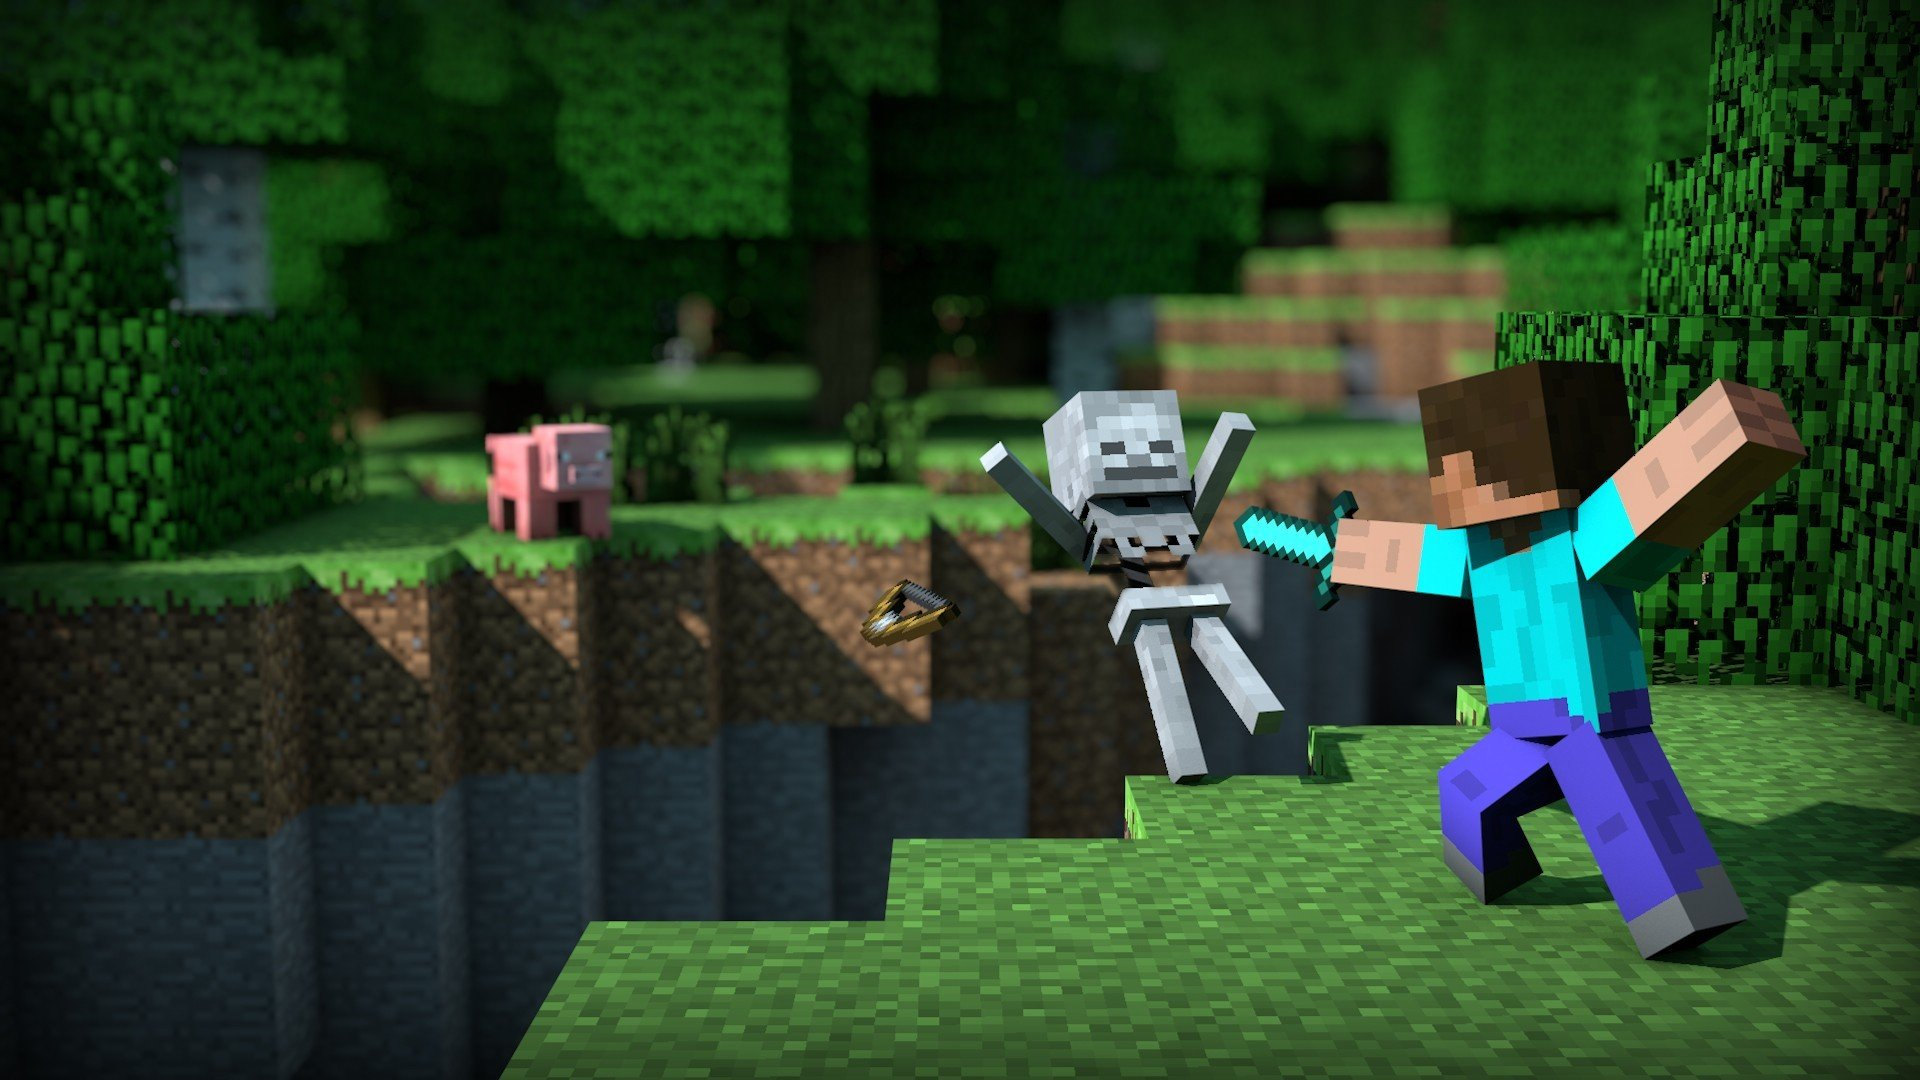 Minecraft Startet Nicht Das Kann Man Bei Problemen Tun GIGA - Alle minecraft spiele der welt